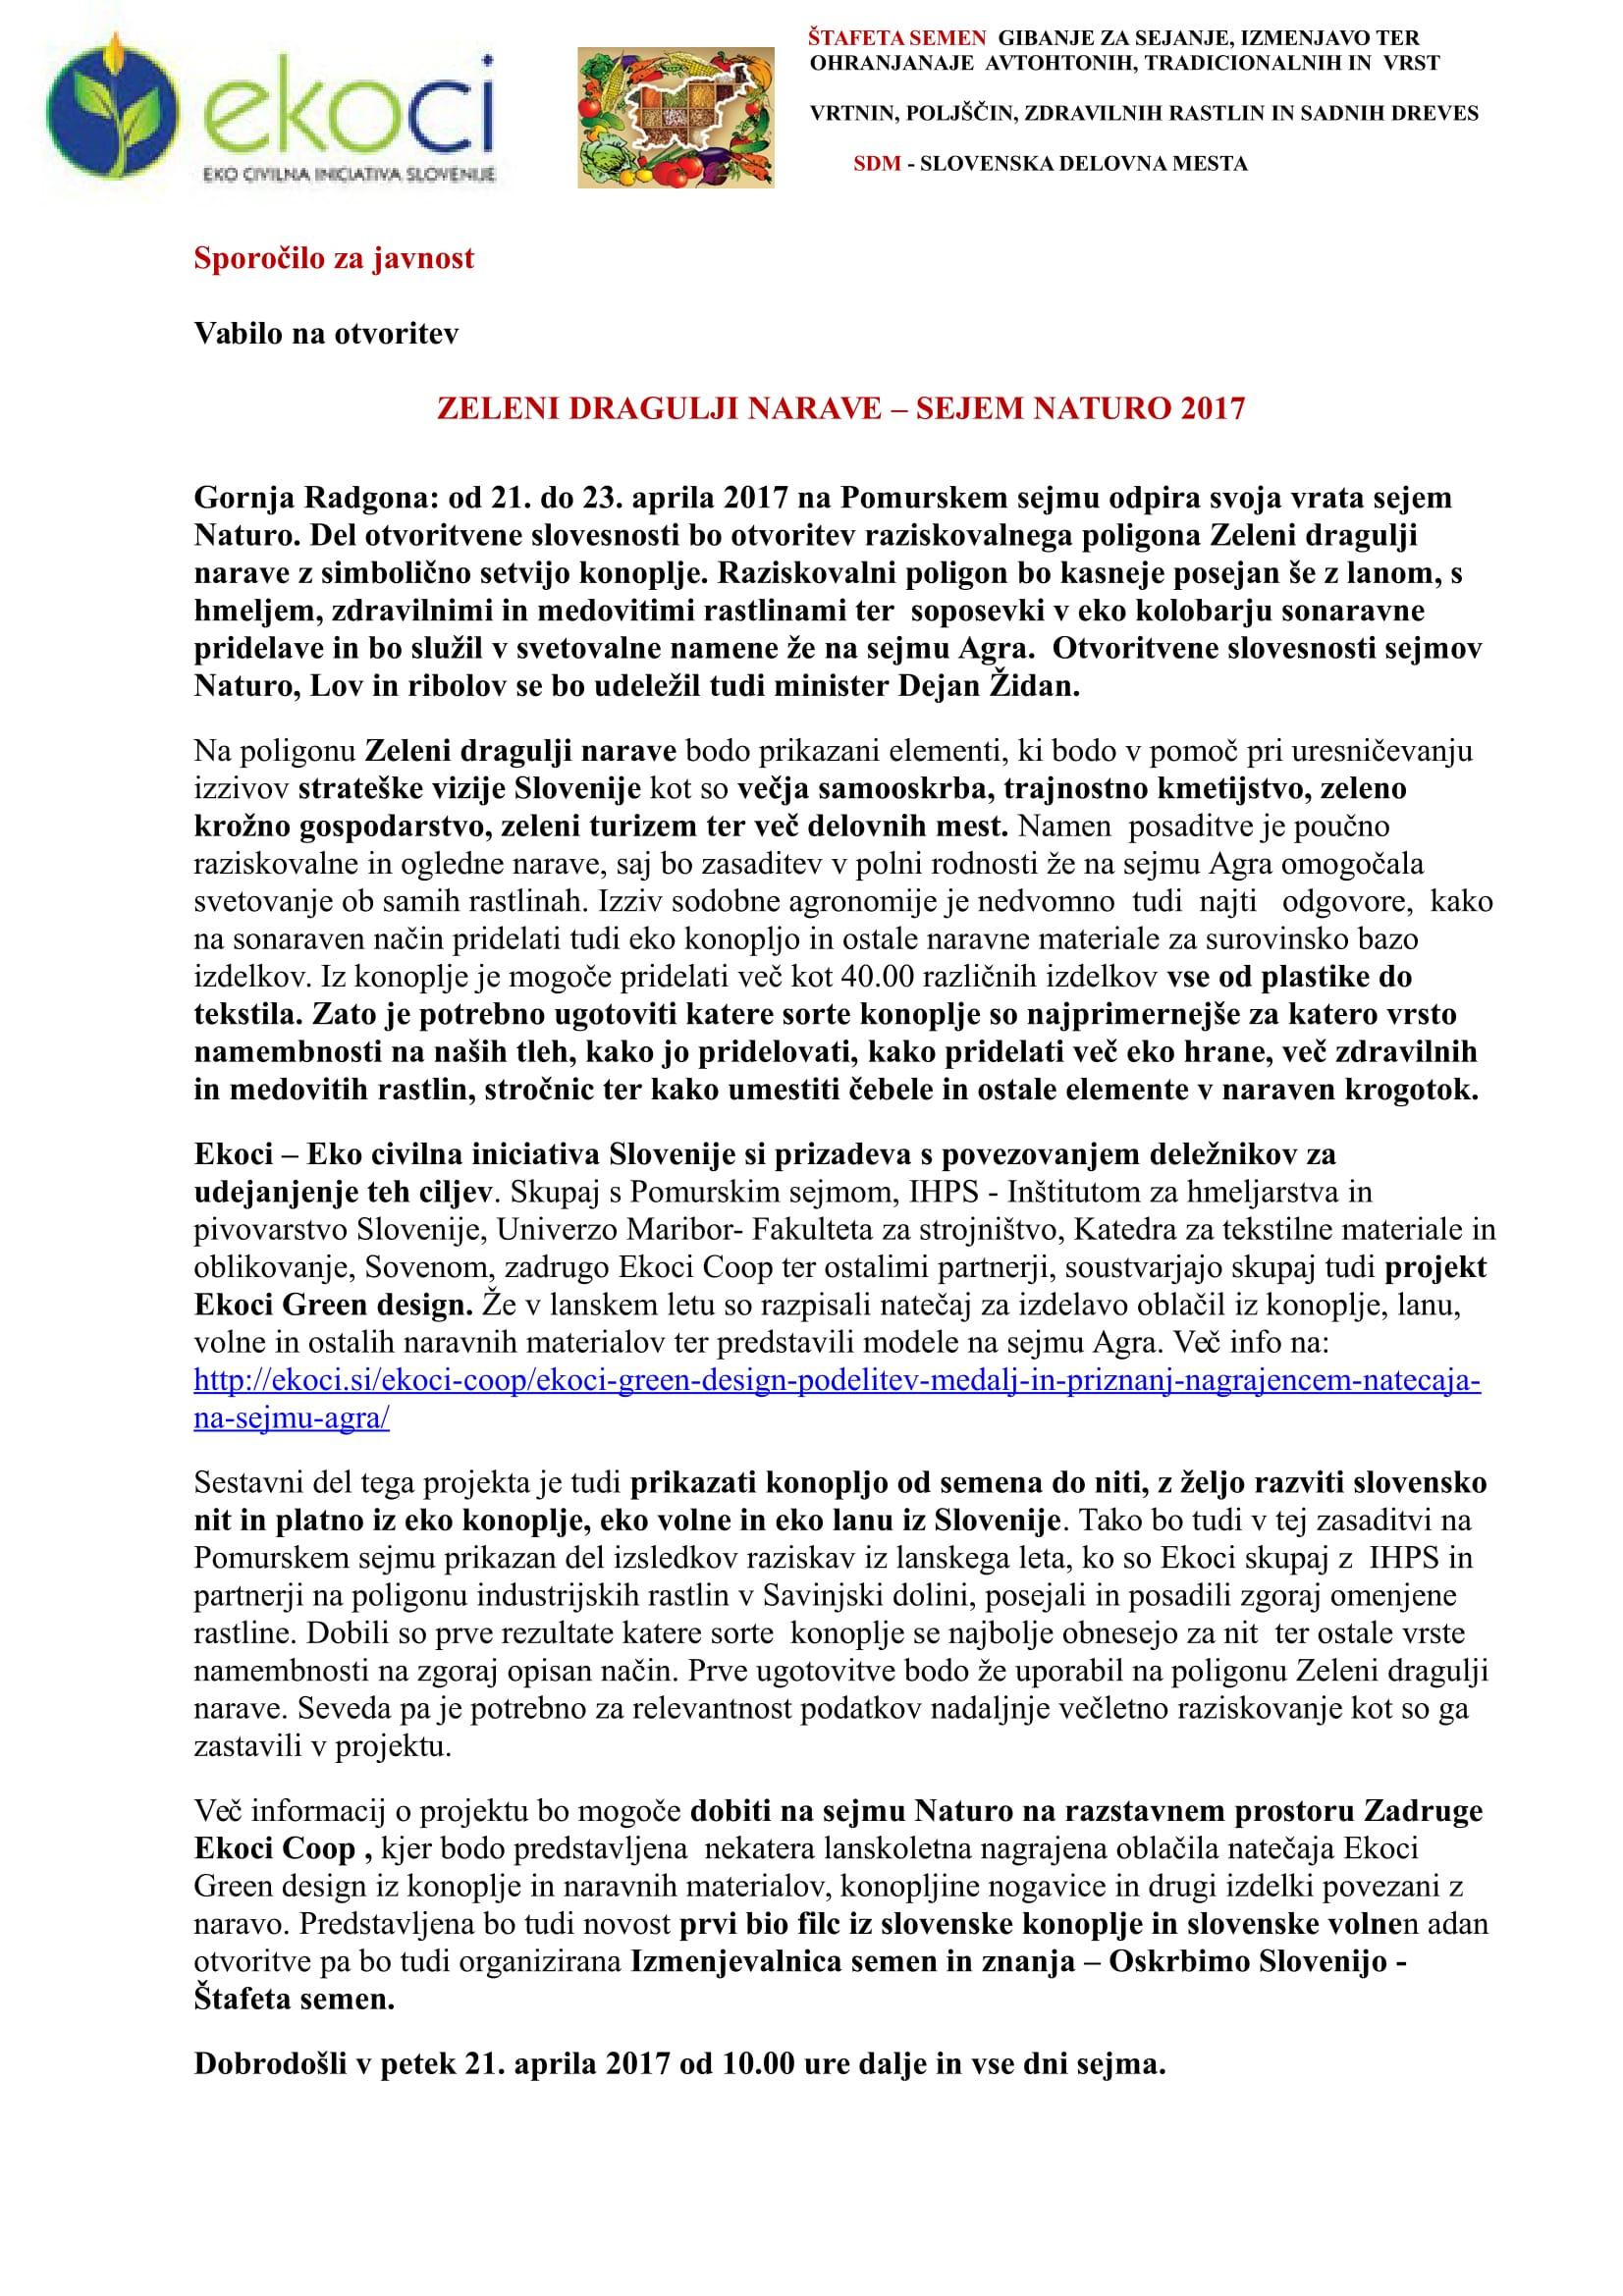 SZJ - VABILO - ZELENI DRAGULJI NARAVE - OTVORITEV - SEJEM NATURO 21.4. 2017-1